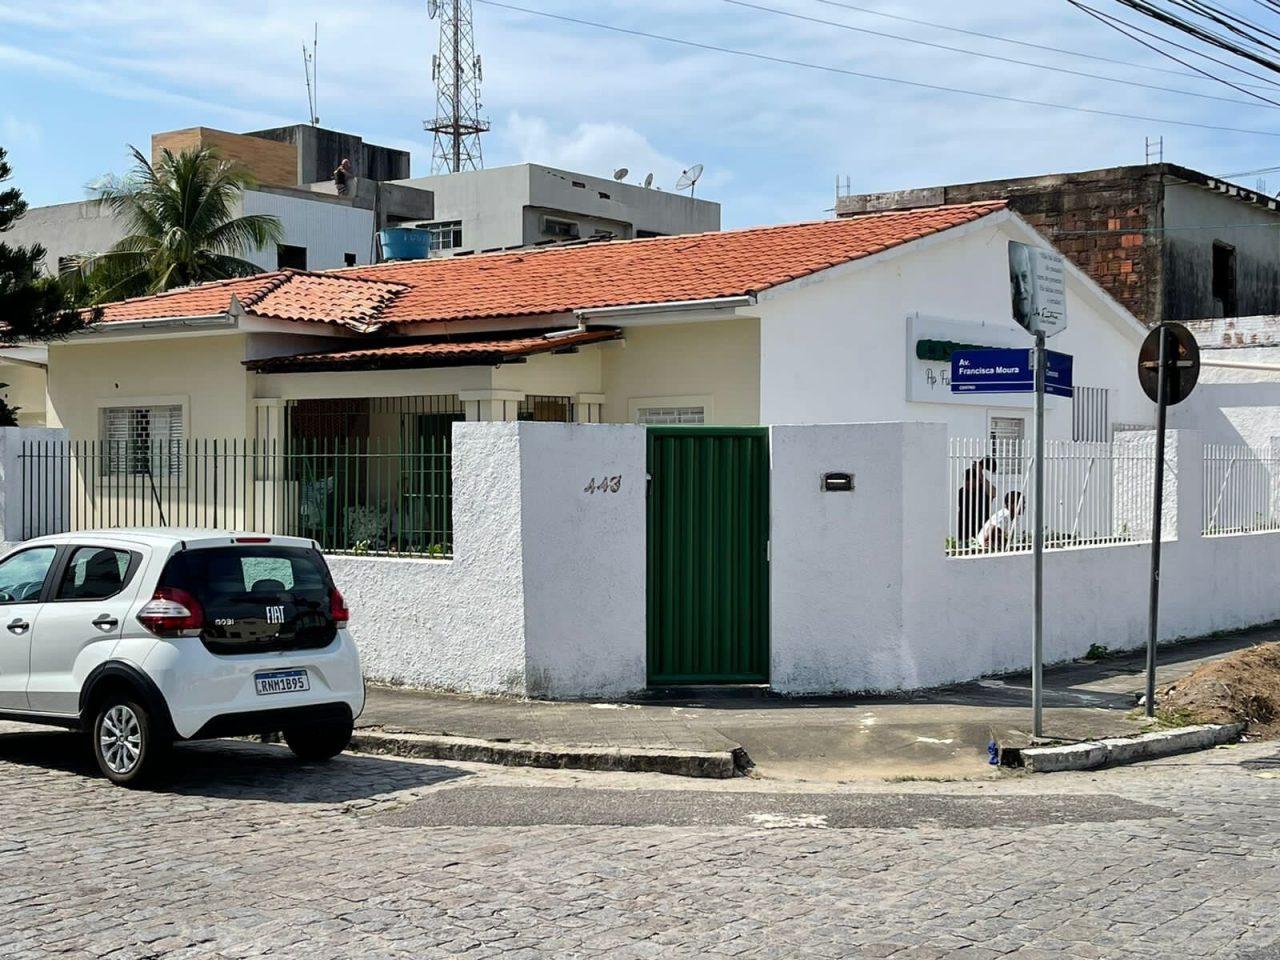 a58bbbe0 7e38 404f a934 d9e7e31e1416 scaled - Prefeito de São José de Piranhas inaugura casa de apoio para os pacientes do município em tratamento em João Pessoa